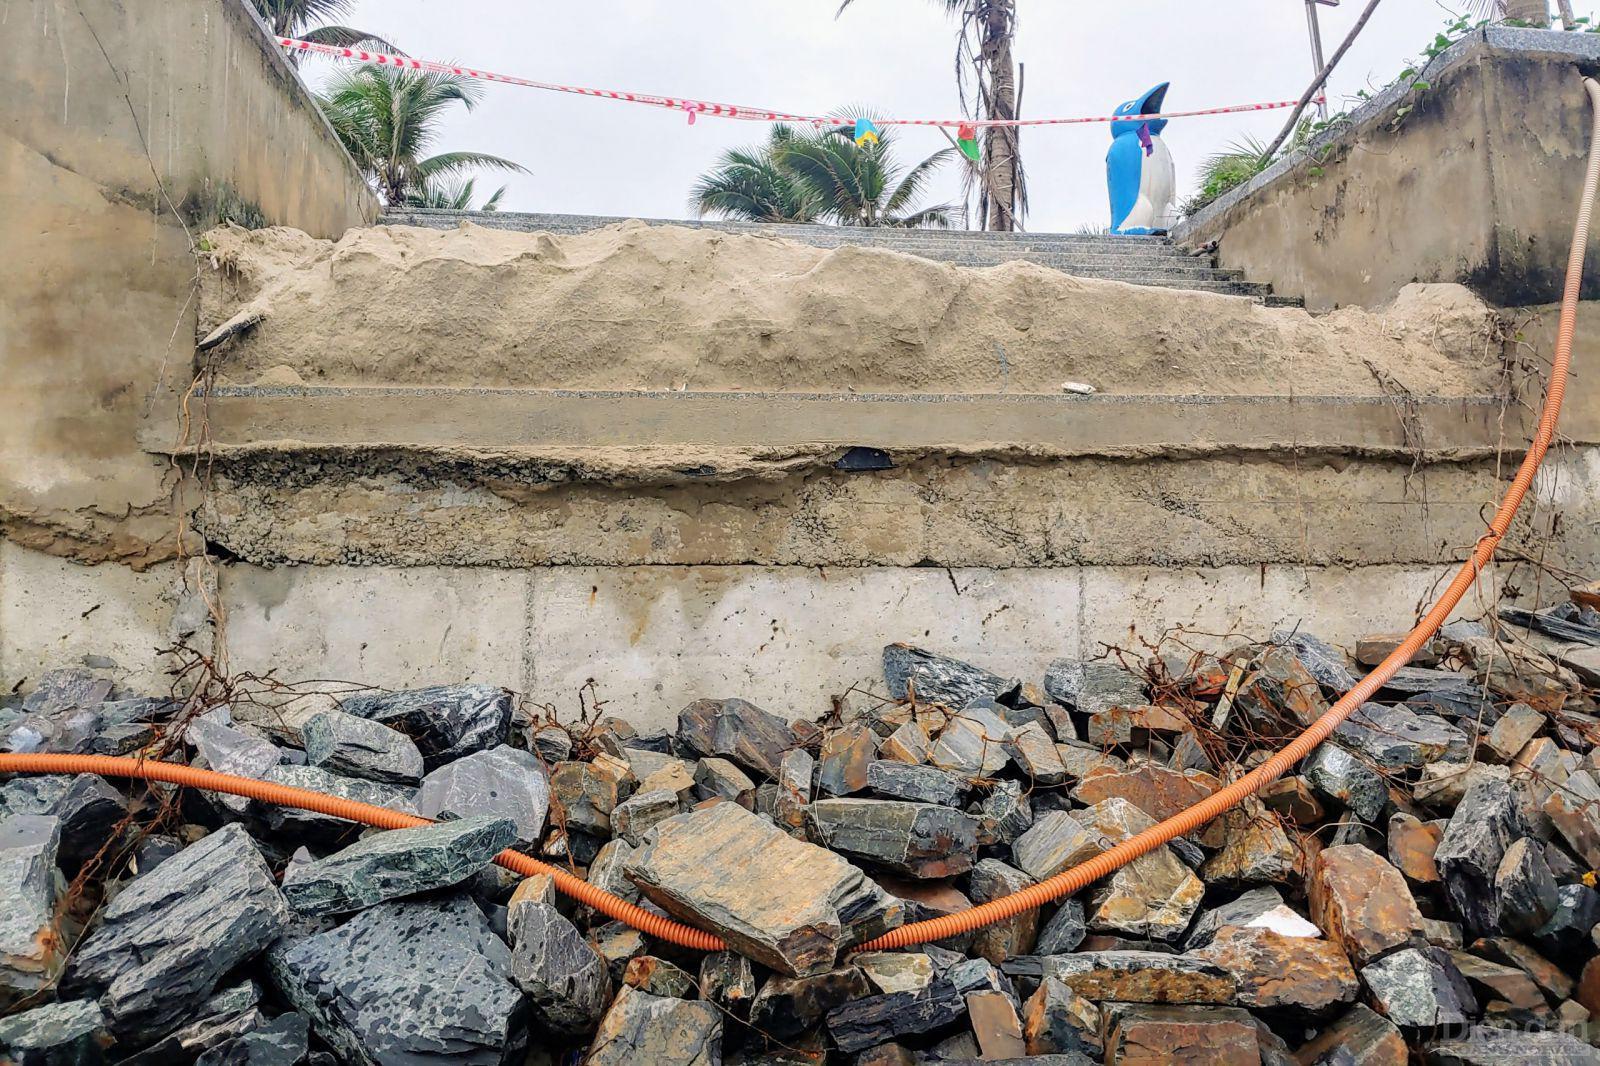 Đá và bê tông trơ ra khi không còn lớp cát.